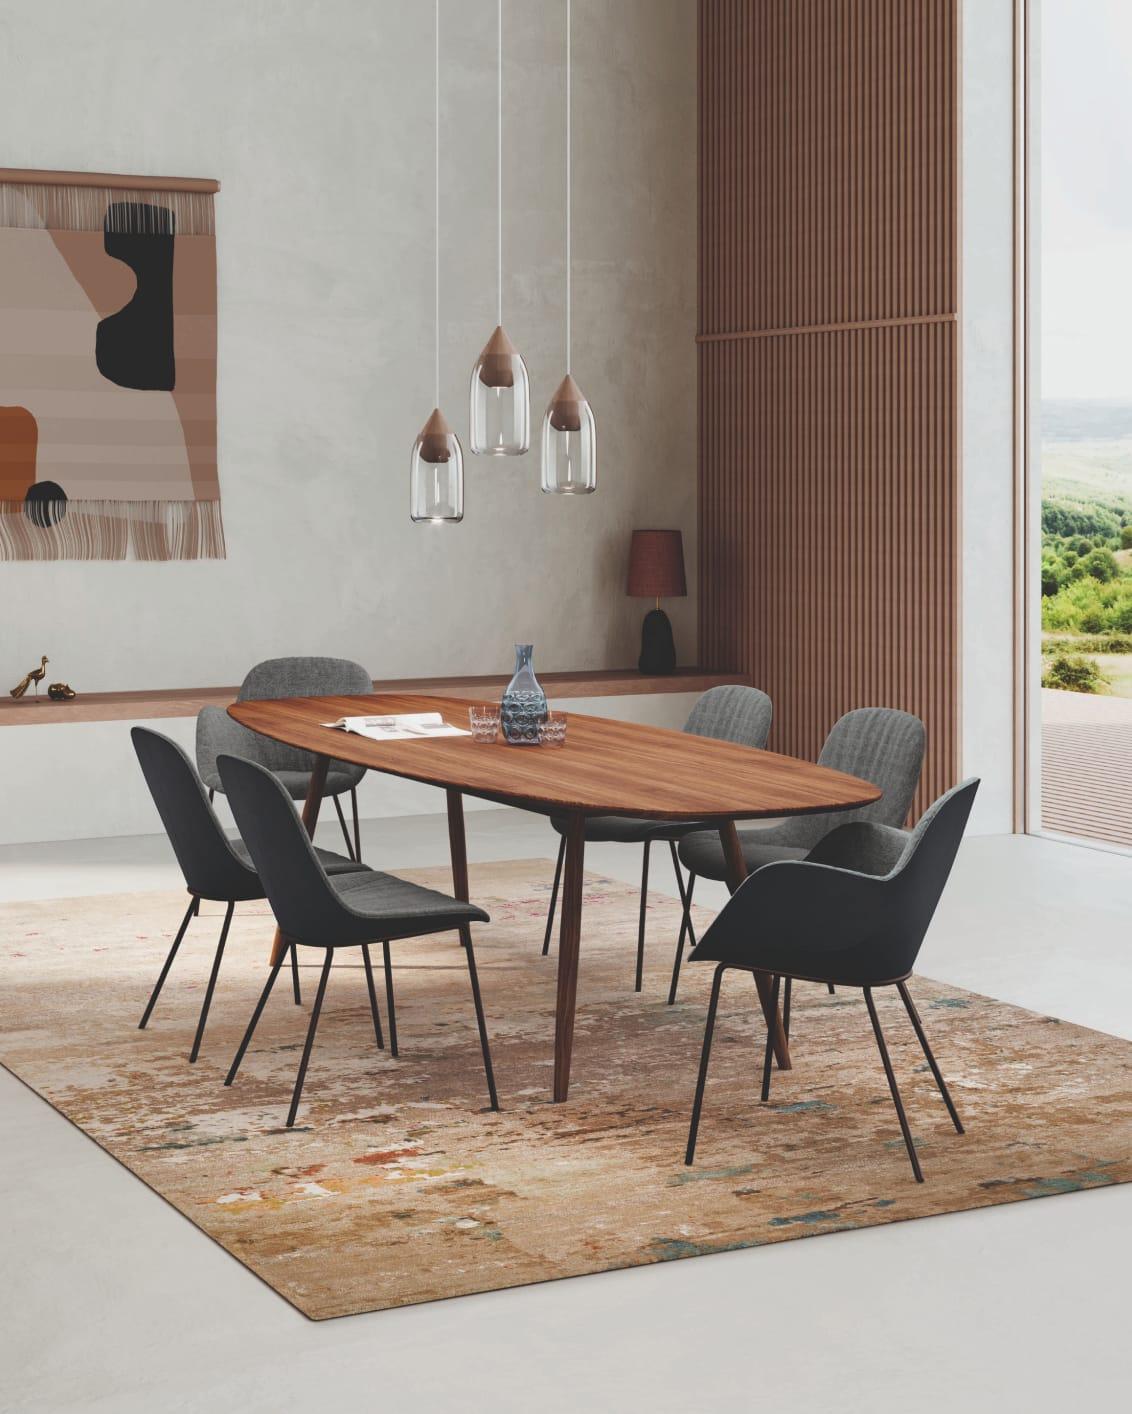 Moualla Table. Design: Neptun Ozis. Sheru chAIR. Design: EOOS.